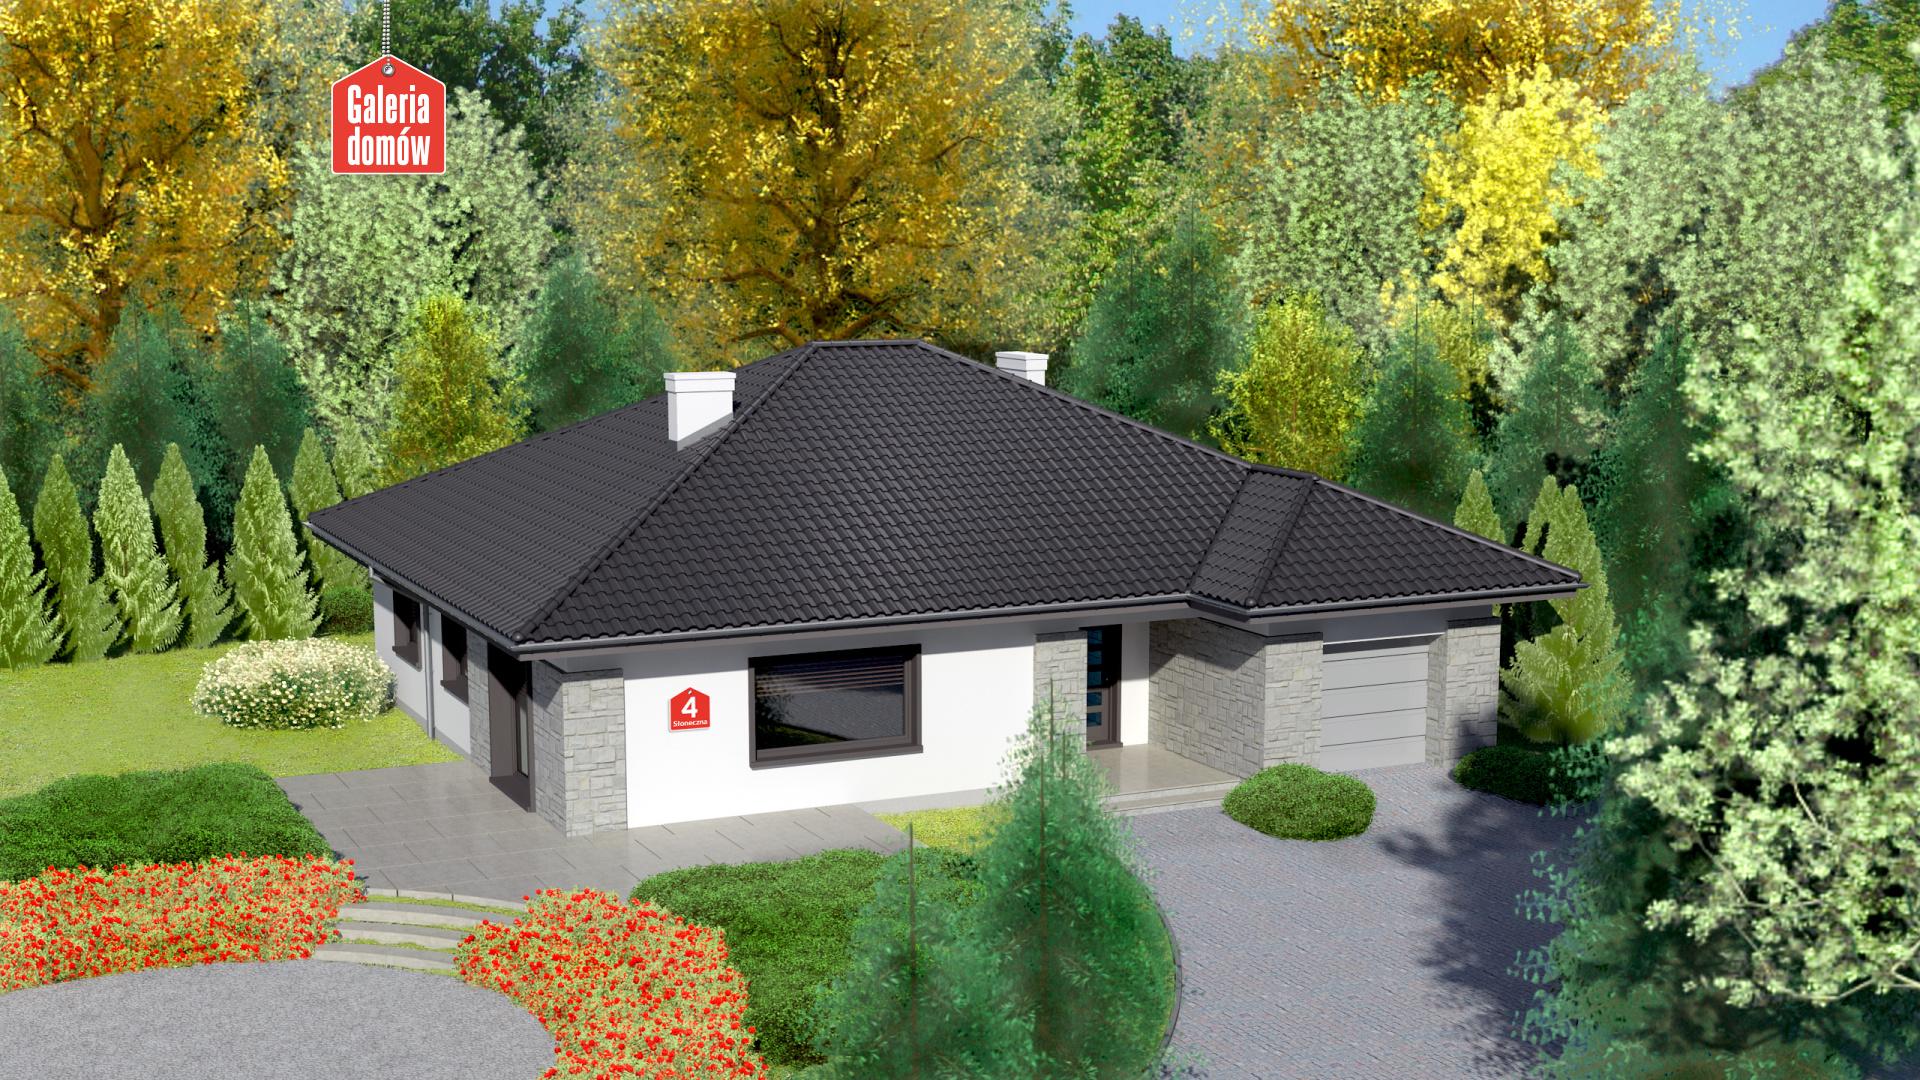 Dom przy Słonecznej 4 - zdjęcie projektu i wizualizacja